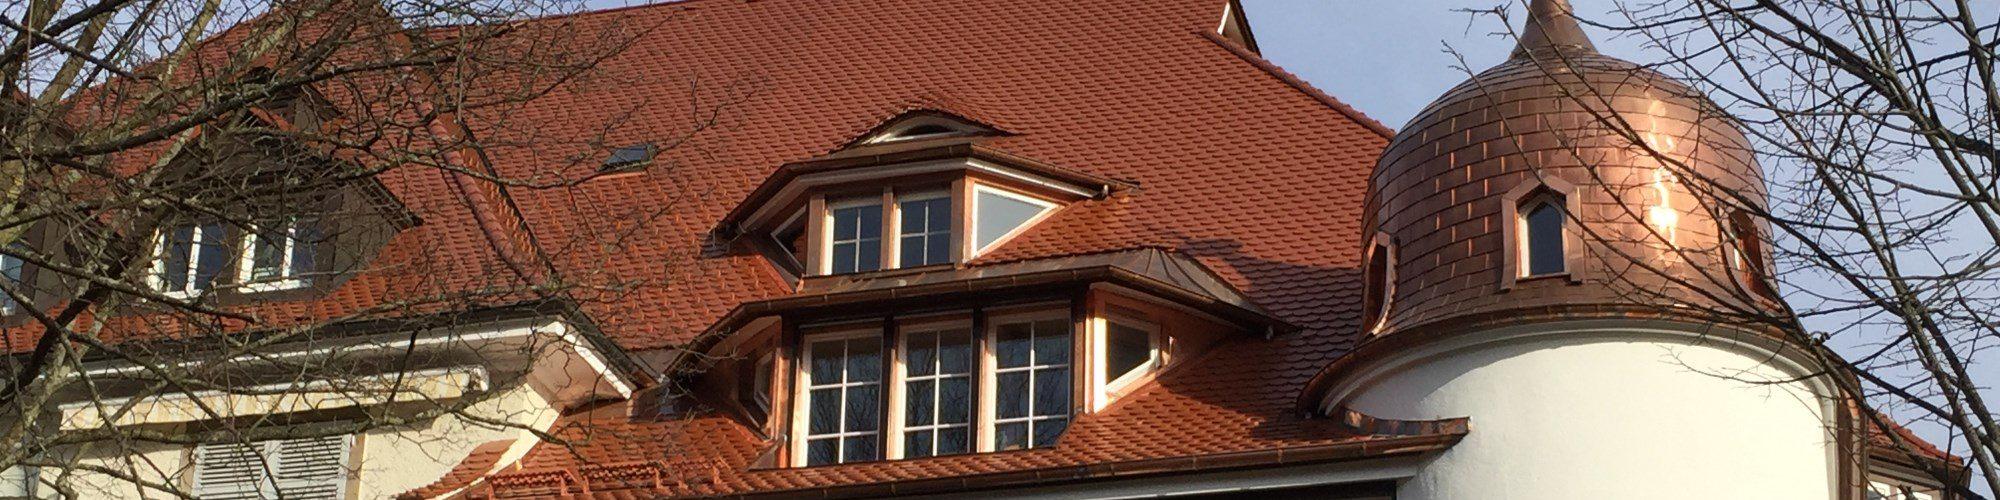 Dach Urachstraße 39 in Freiburg